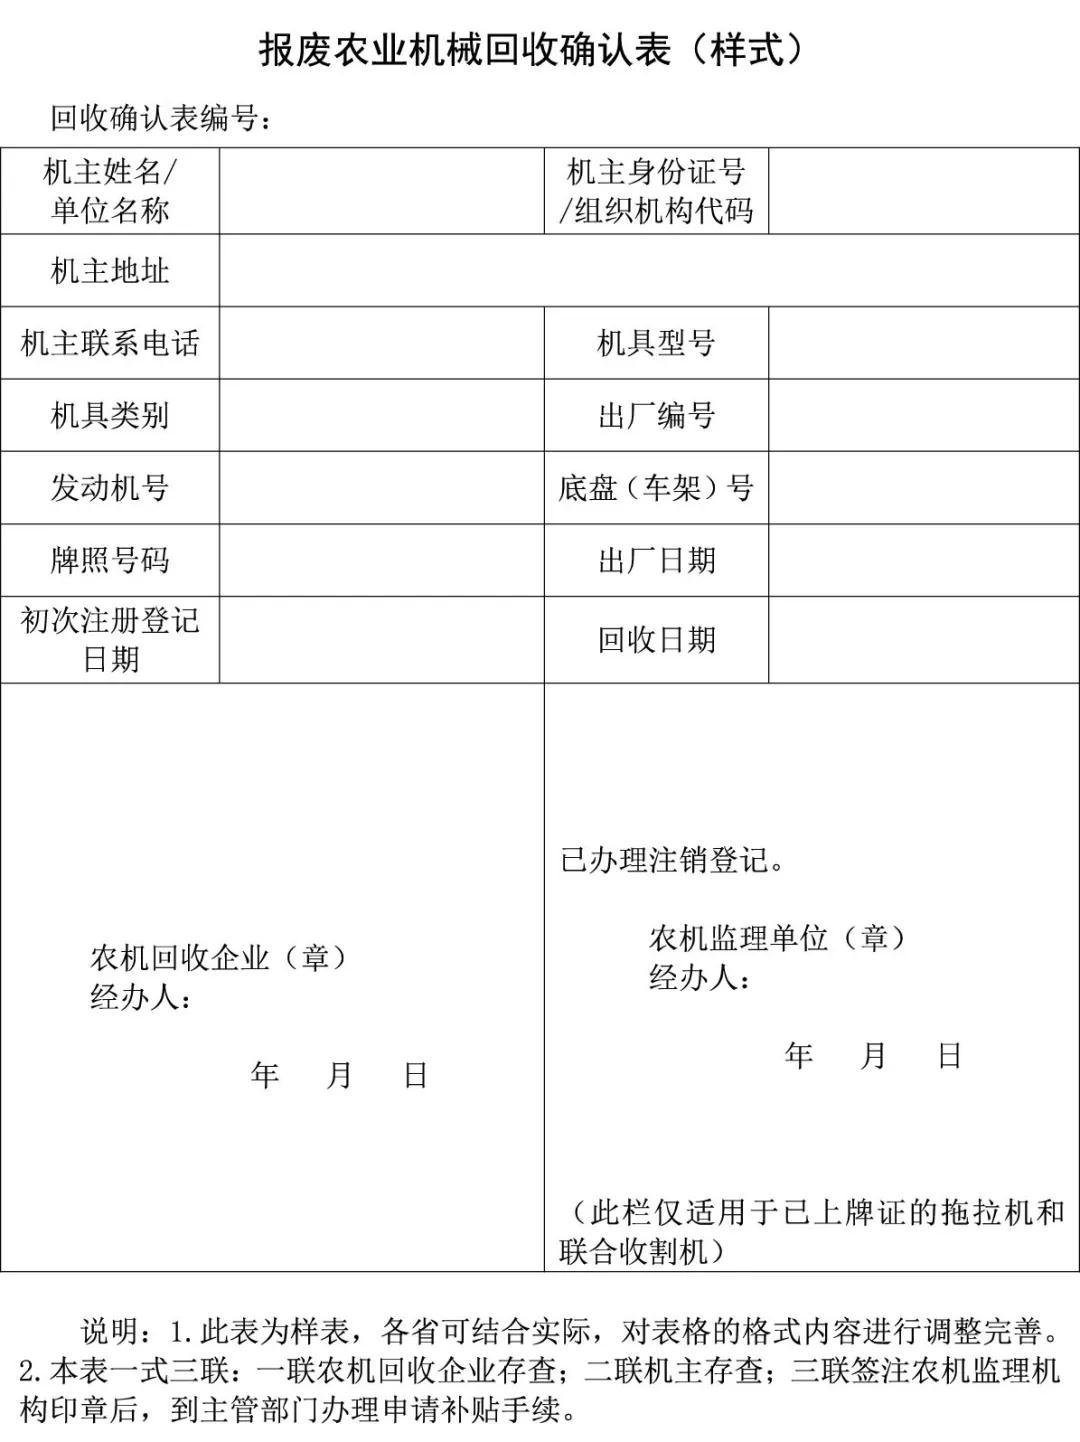 3.6日新闻表2.jpg